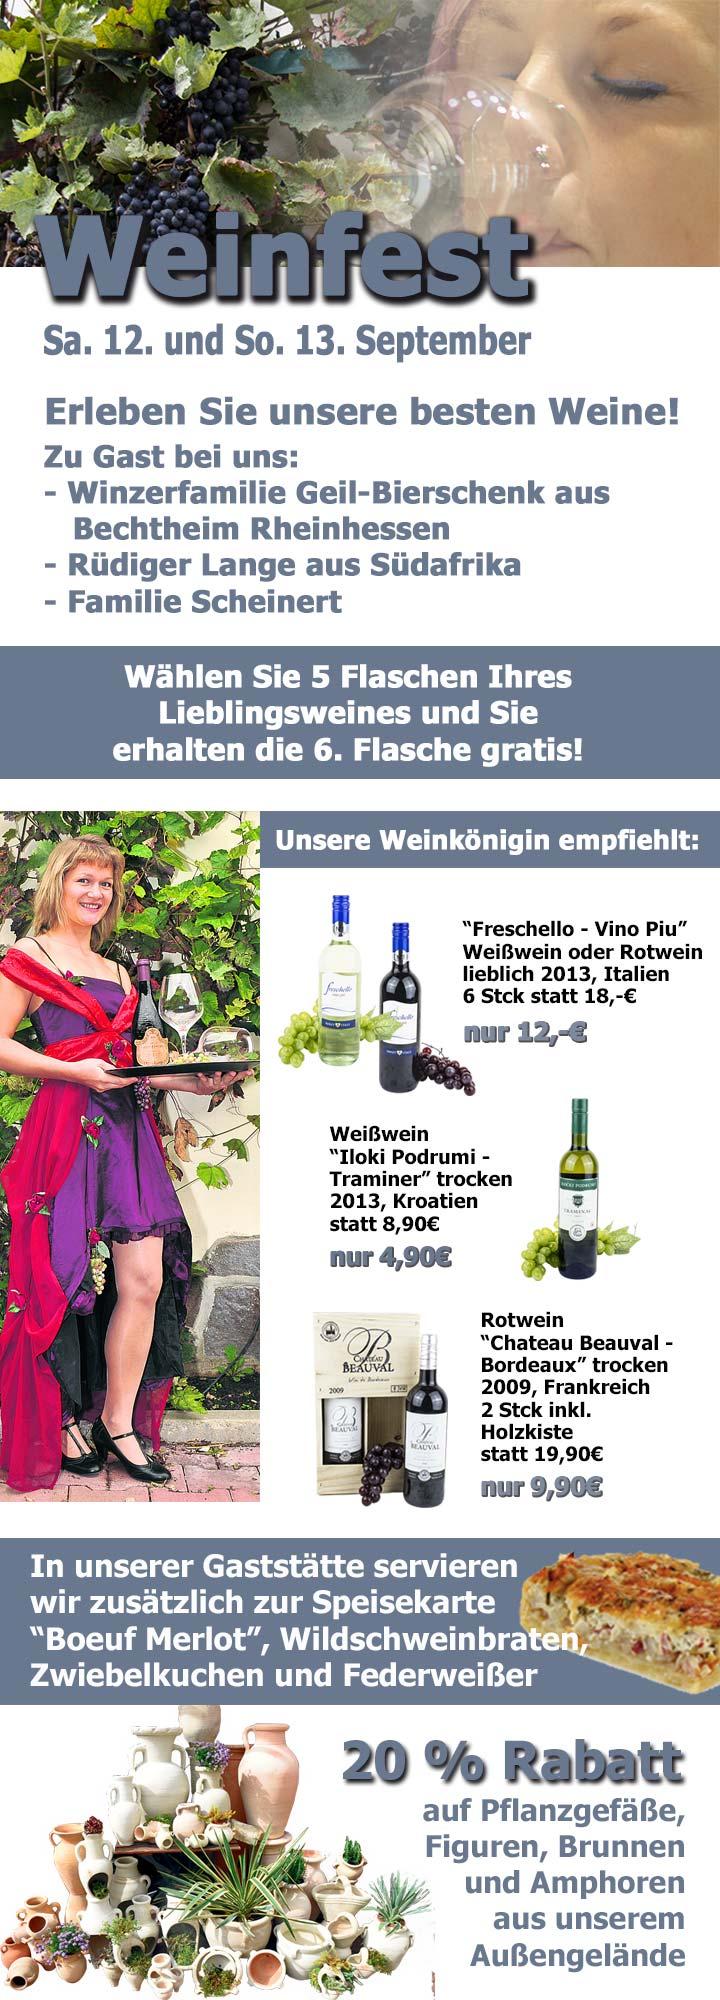 Newsletter-Weinfest-2015